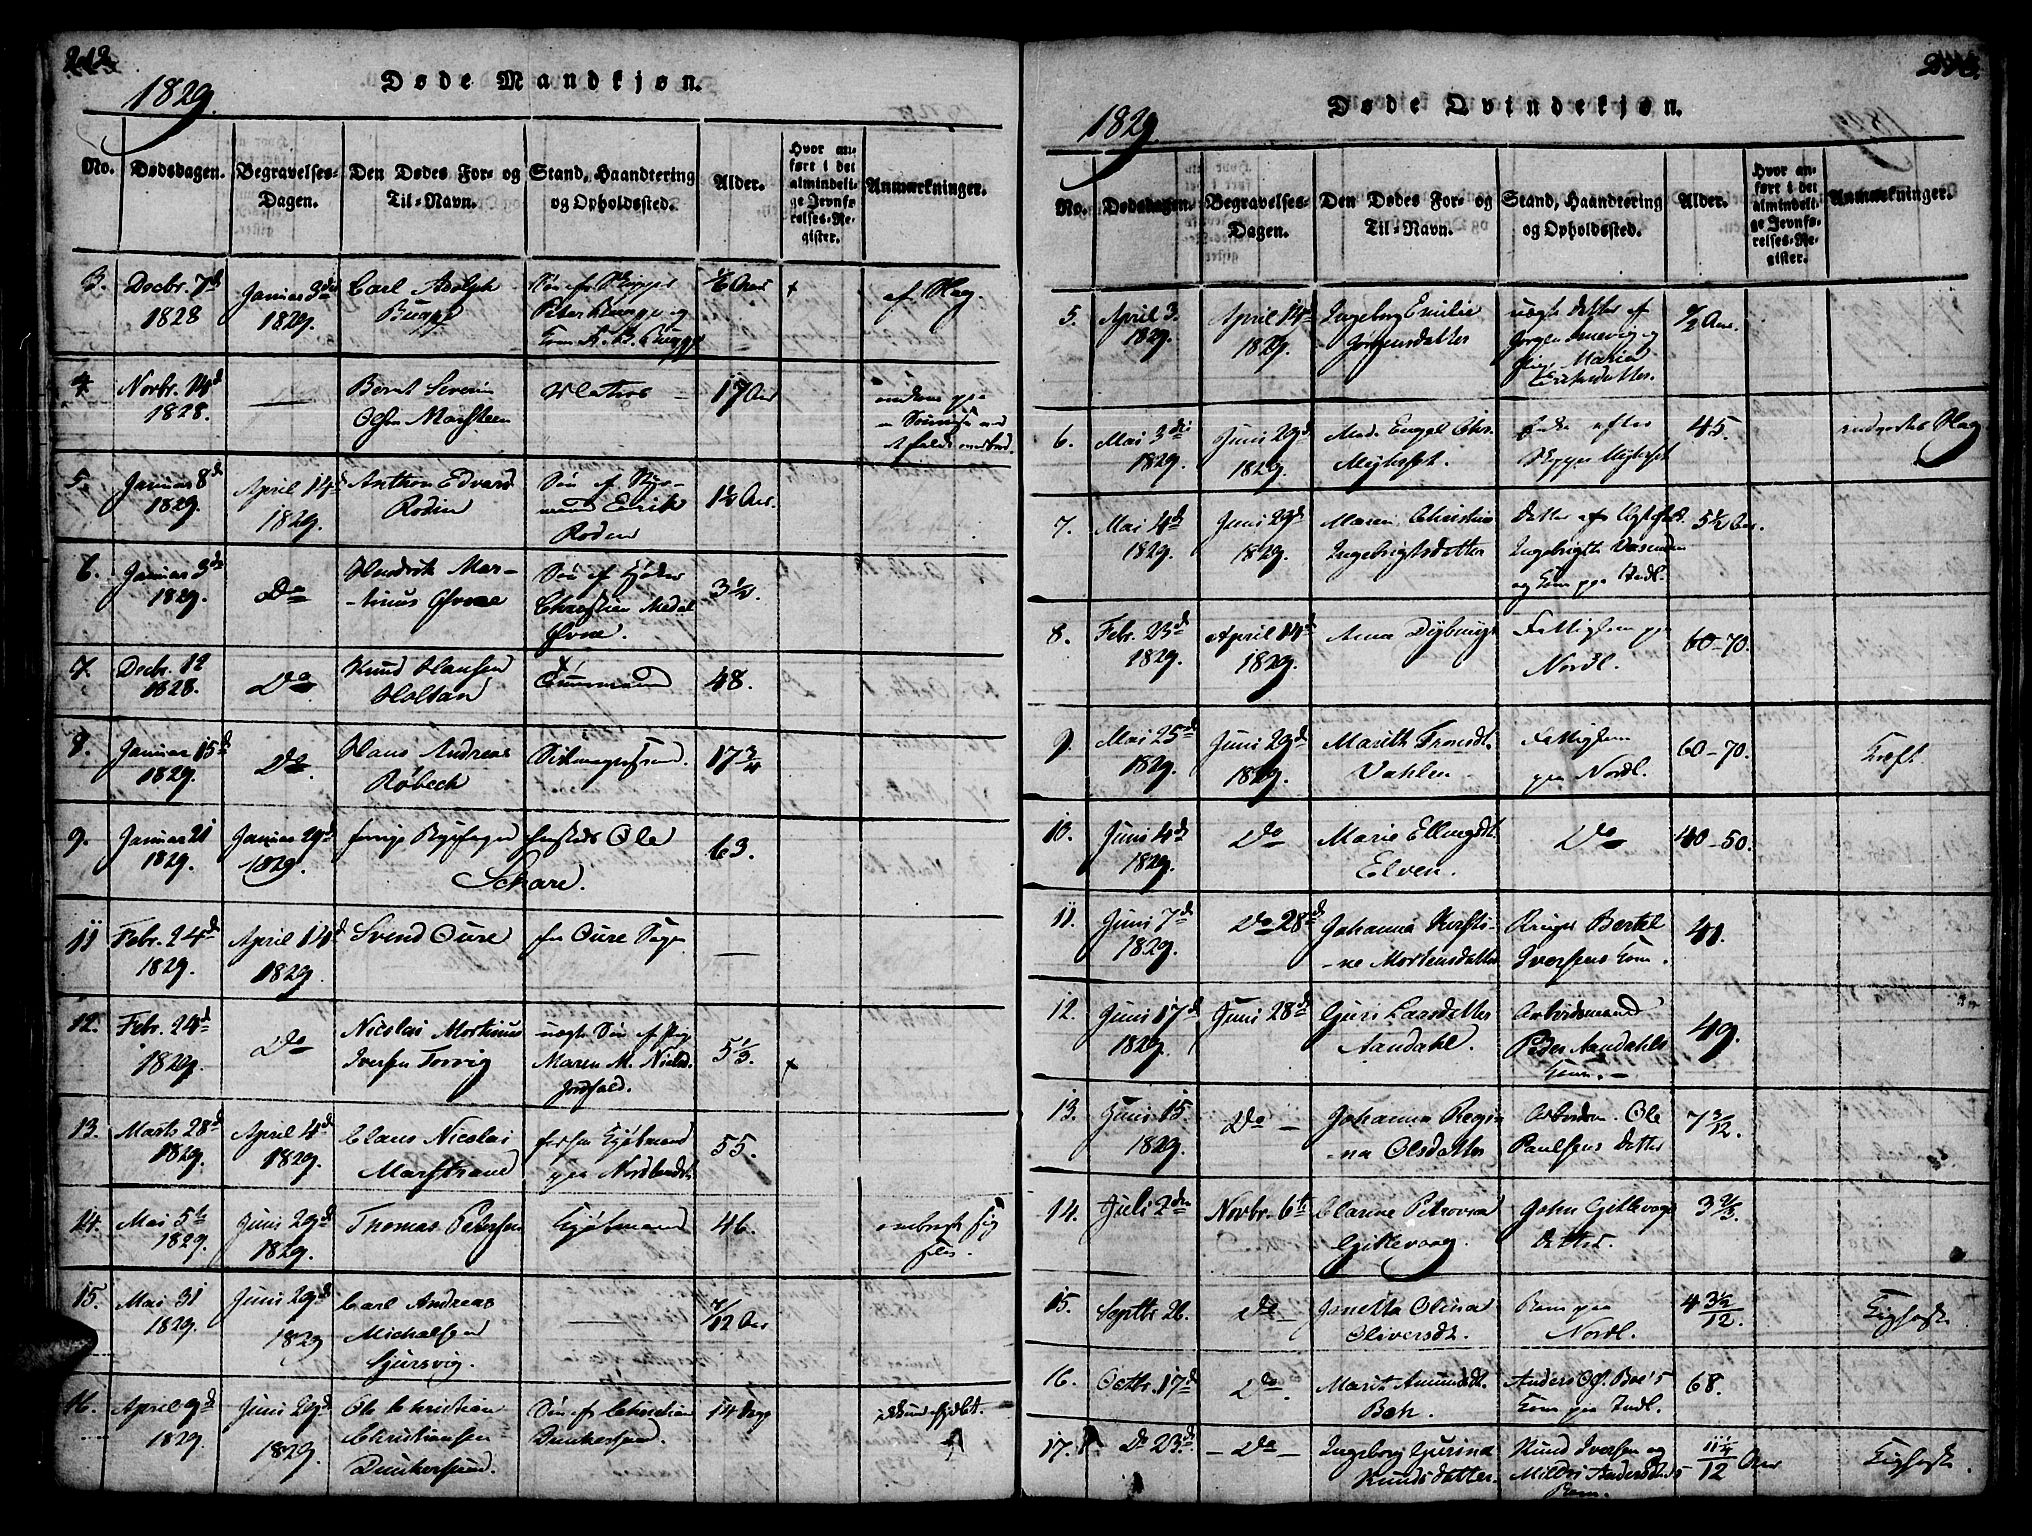 SAT, Ministerialprotokoller, klokkerbøker og fødselsregistre - Møre og Romsdal, 572/L0842: Ministerialbok nr. 572A05, 1819-1832, s. 212-213